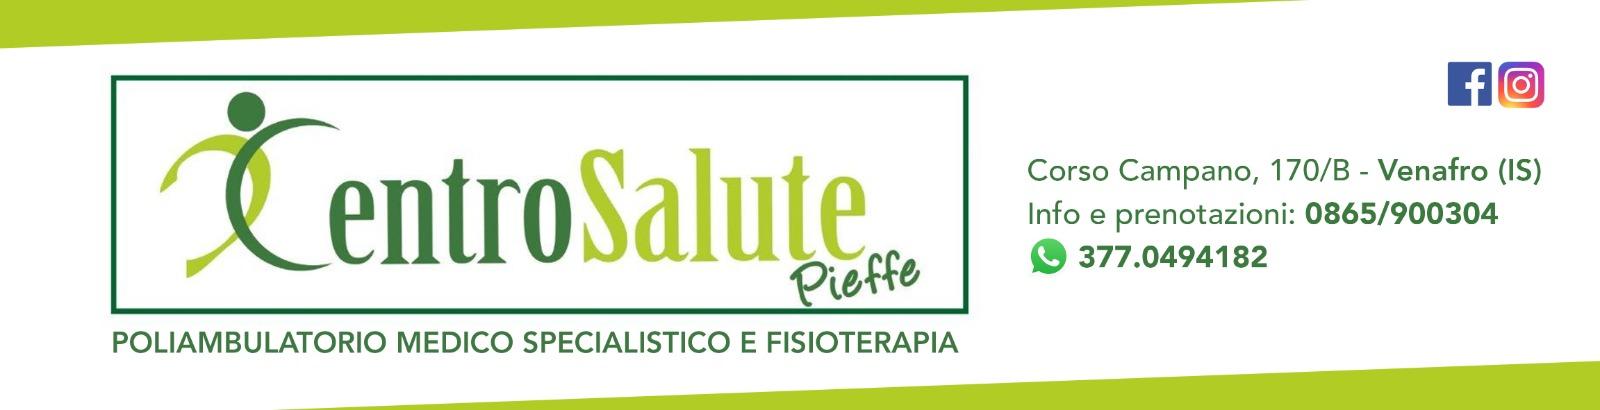 POLIAMBULATORIO MEDICO SPECIALISTICO FISIOTERAPIA CENTRO SALUTE VENAFRO